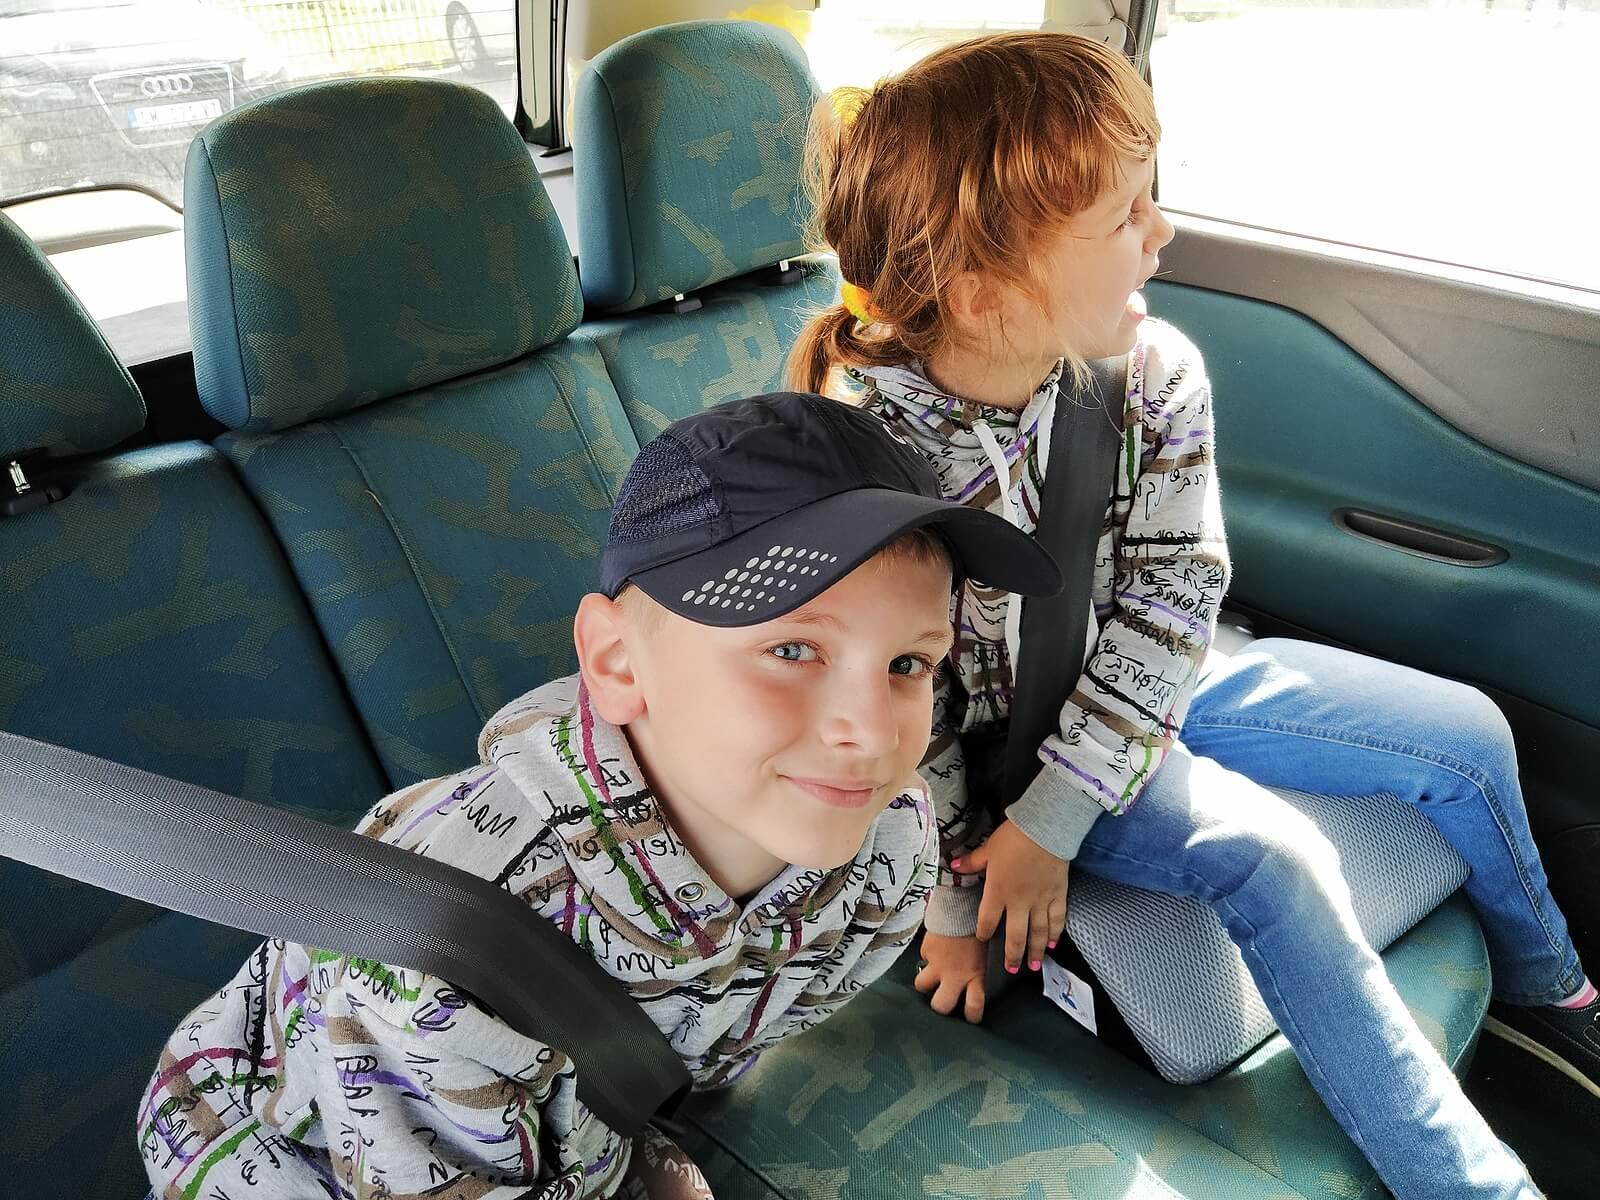 Viajes largos en coche: 5 ideas para entretener a los niños